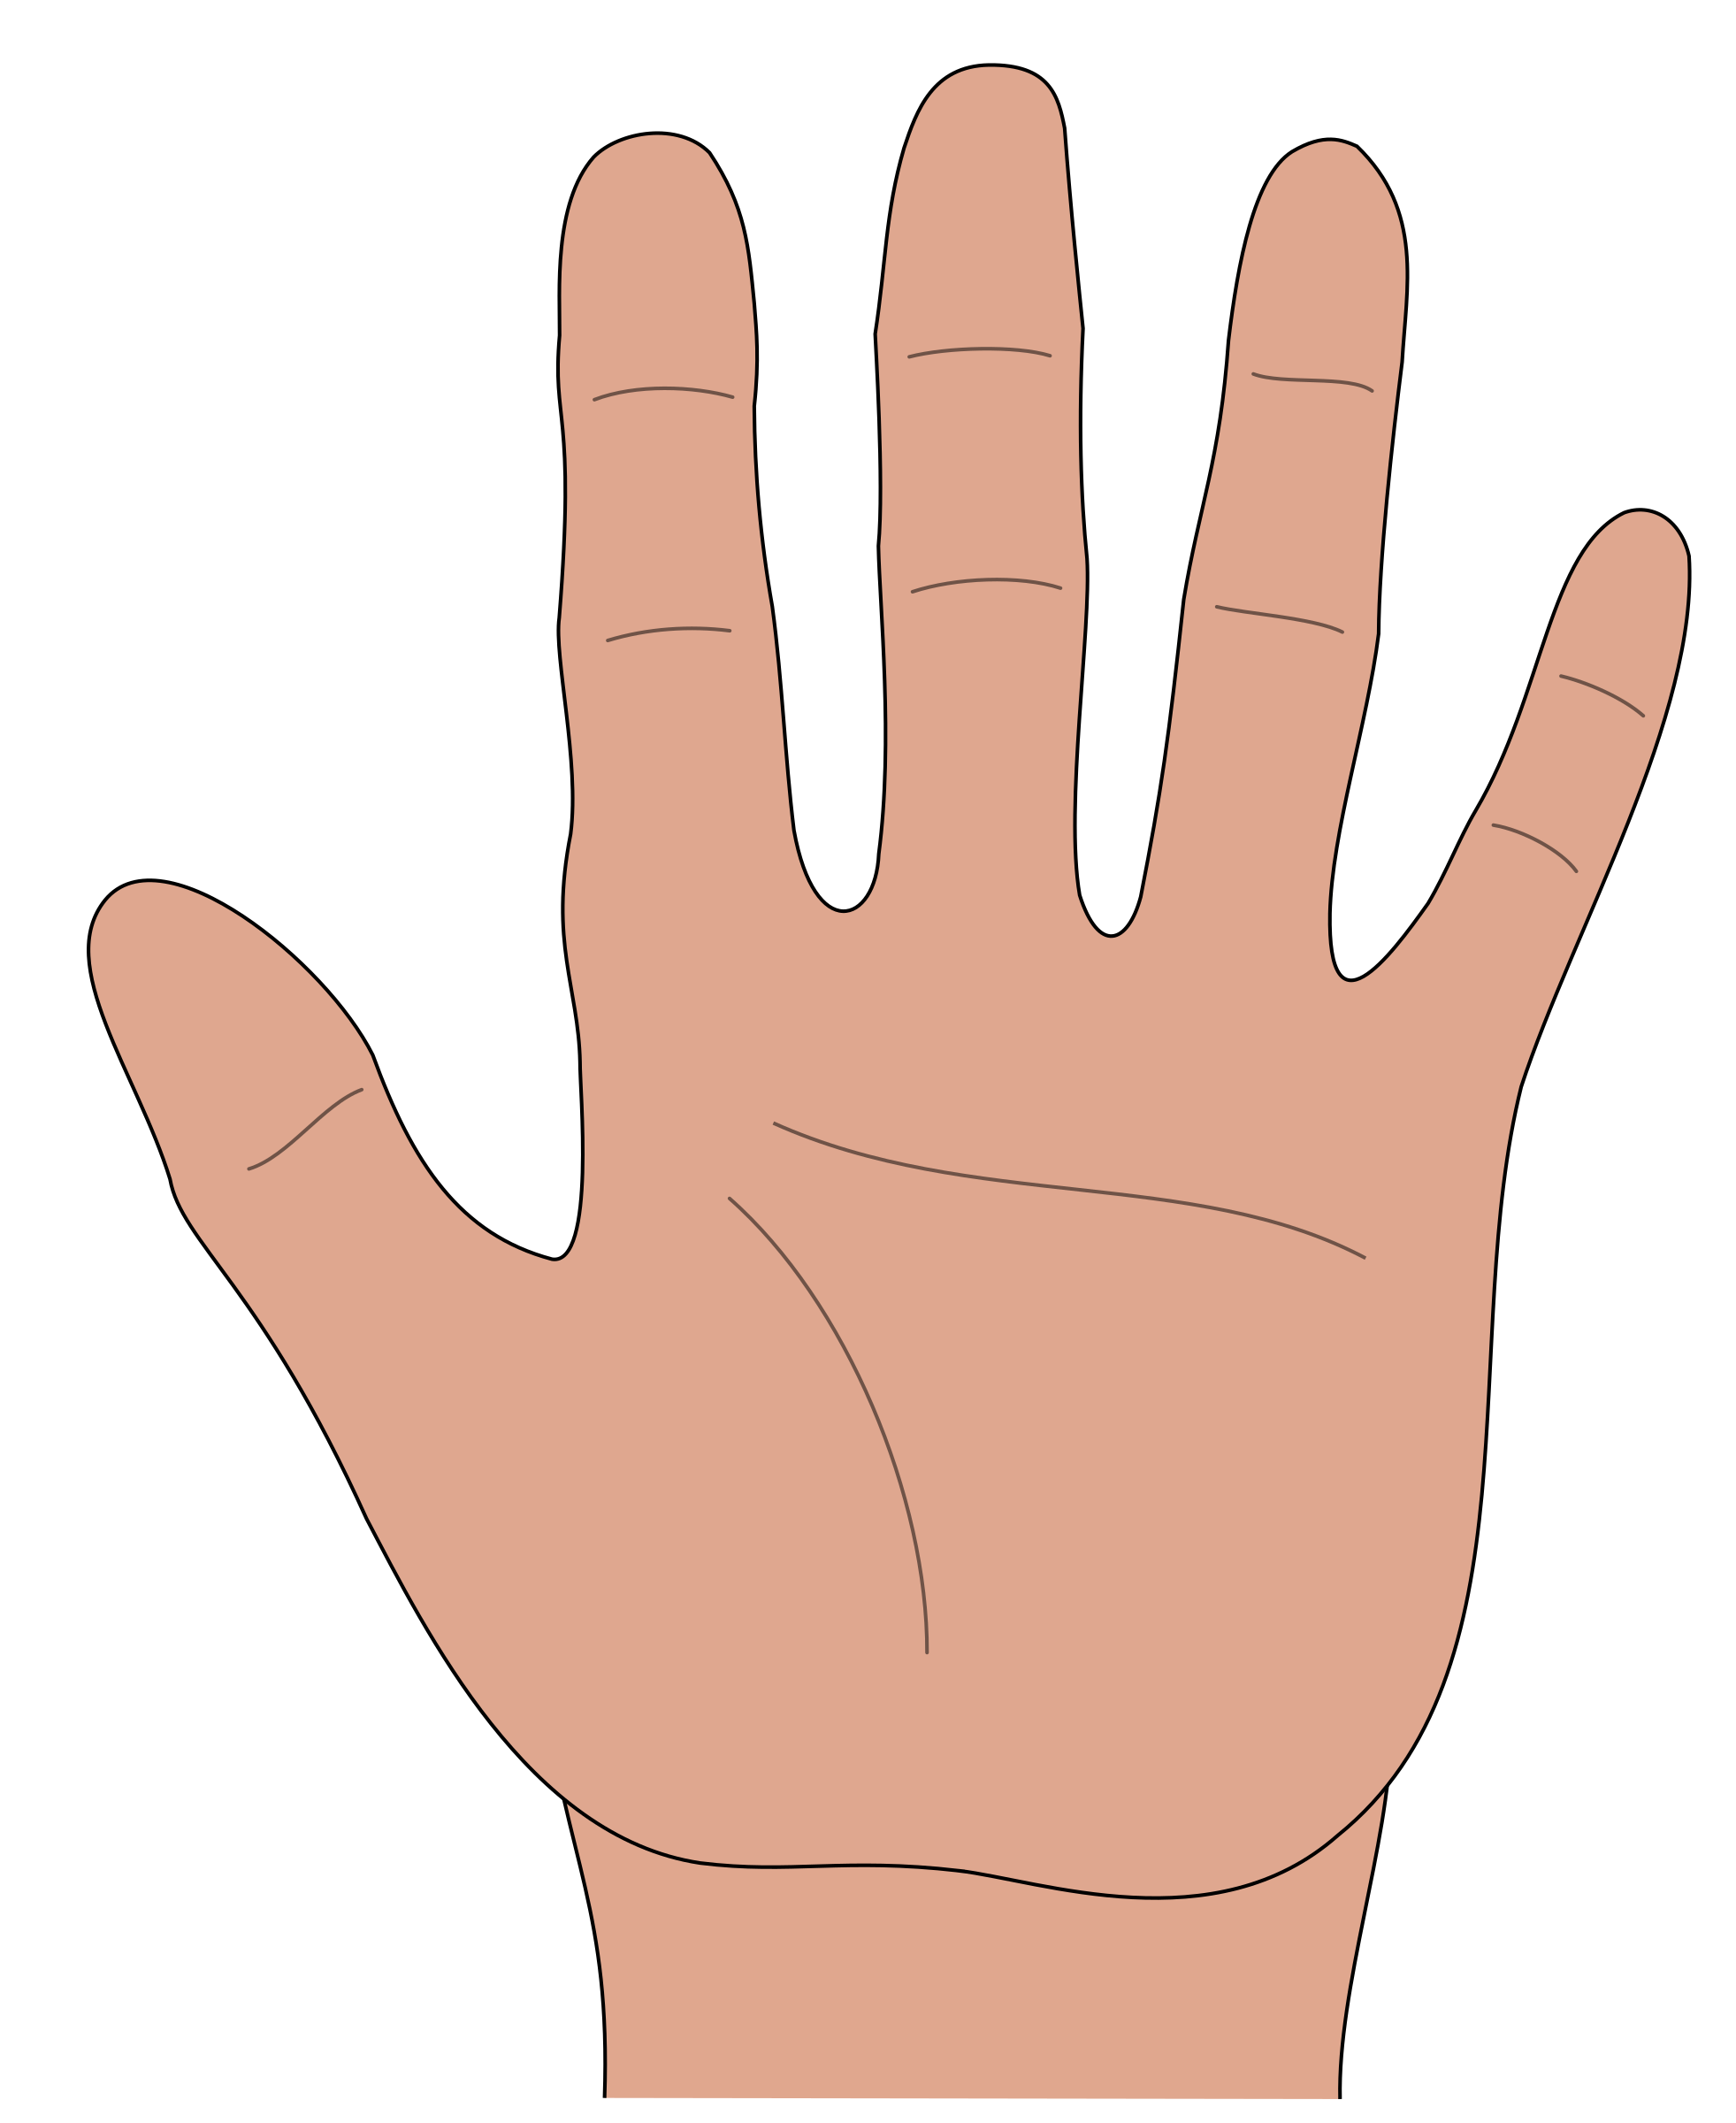 Hand Gesture clipart open hand Hand Hand open Clipart open